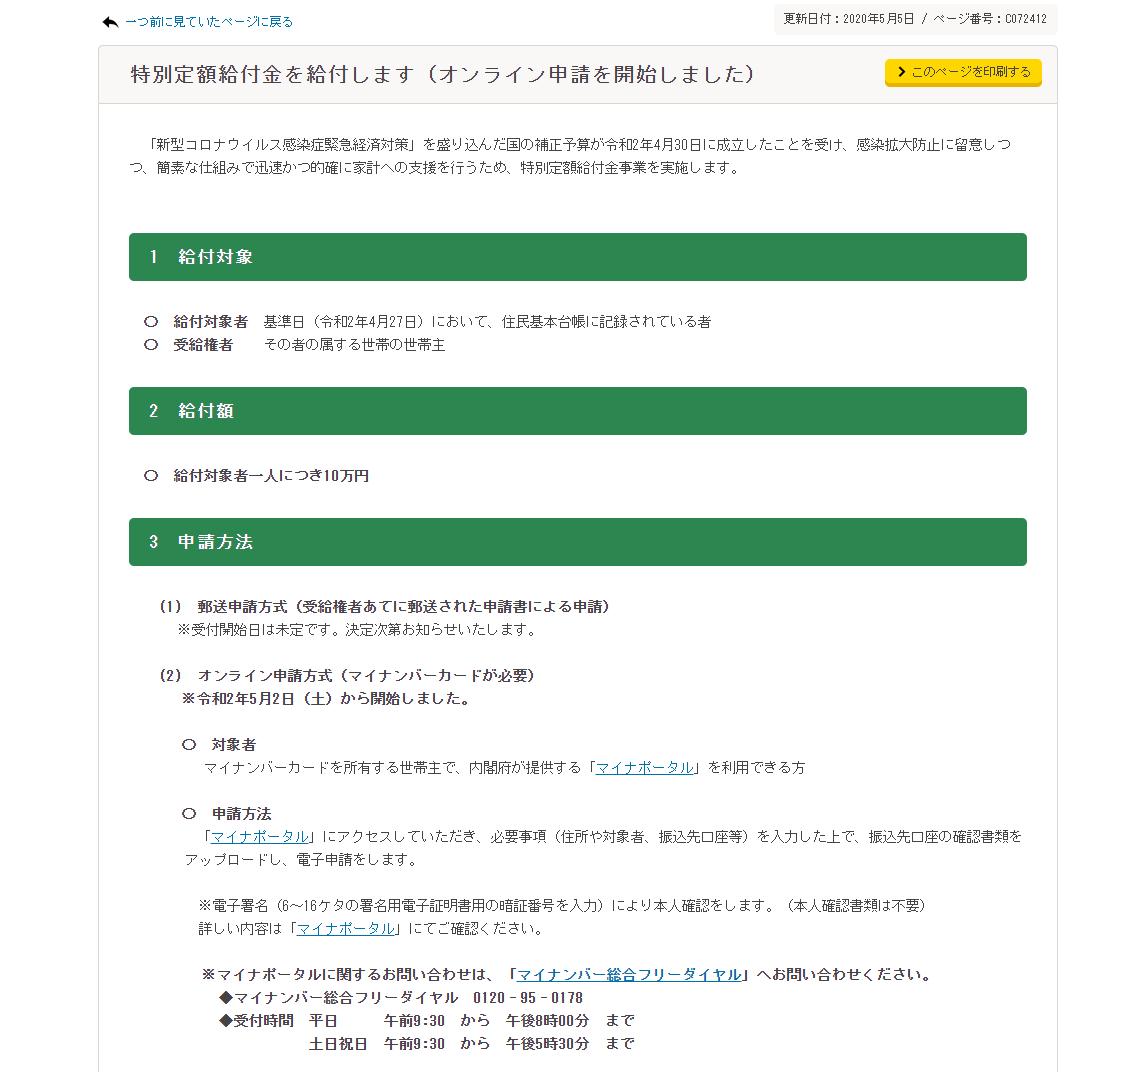 10 万 円 オンライン 申請